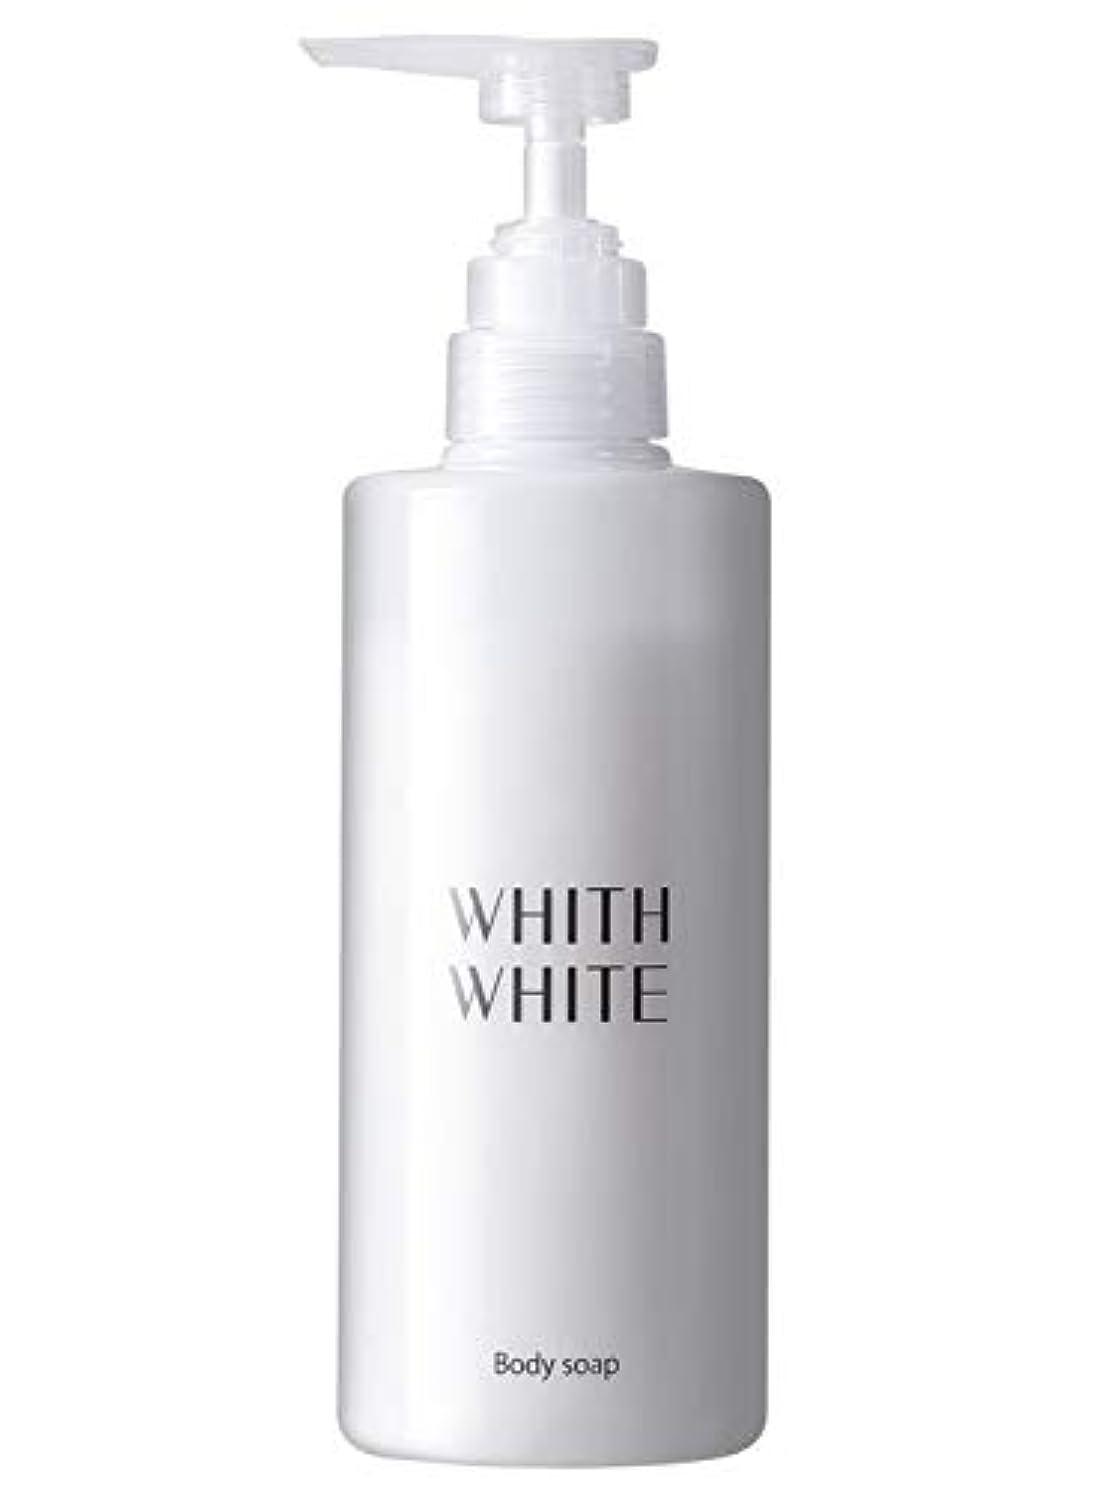 極めてエイリアン強化する無添加 ボディソープ フィス ホワイト 【 エレガントフローラルのいい香り 】 保湿 ボディーソープ 「 泡で黒ずみ さっぱり ボディシャンプー 」「 ヒアルロン酸 コラーゲン セラミド 配合」450ml